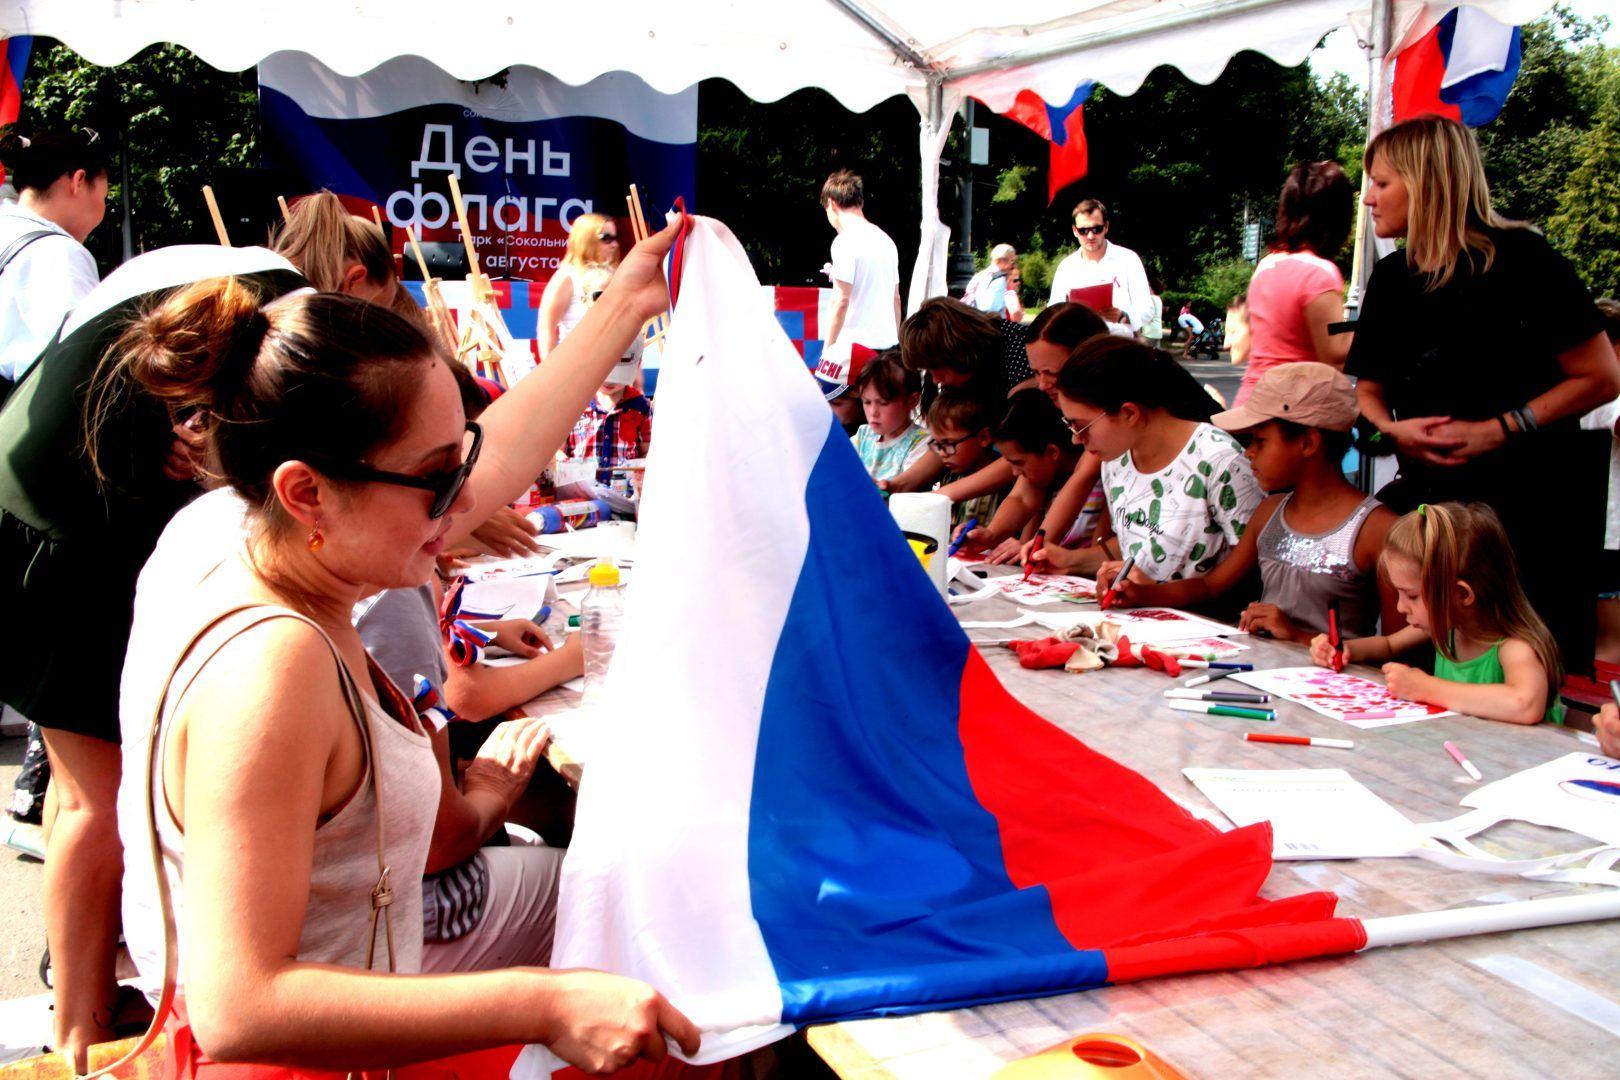 Гулянья по случаю Дня флага проходят на 33 городских площадках.Фото: архив, «Вечерняя Москва»